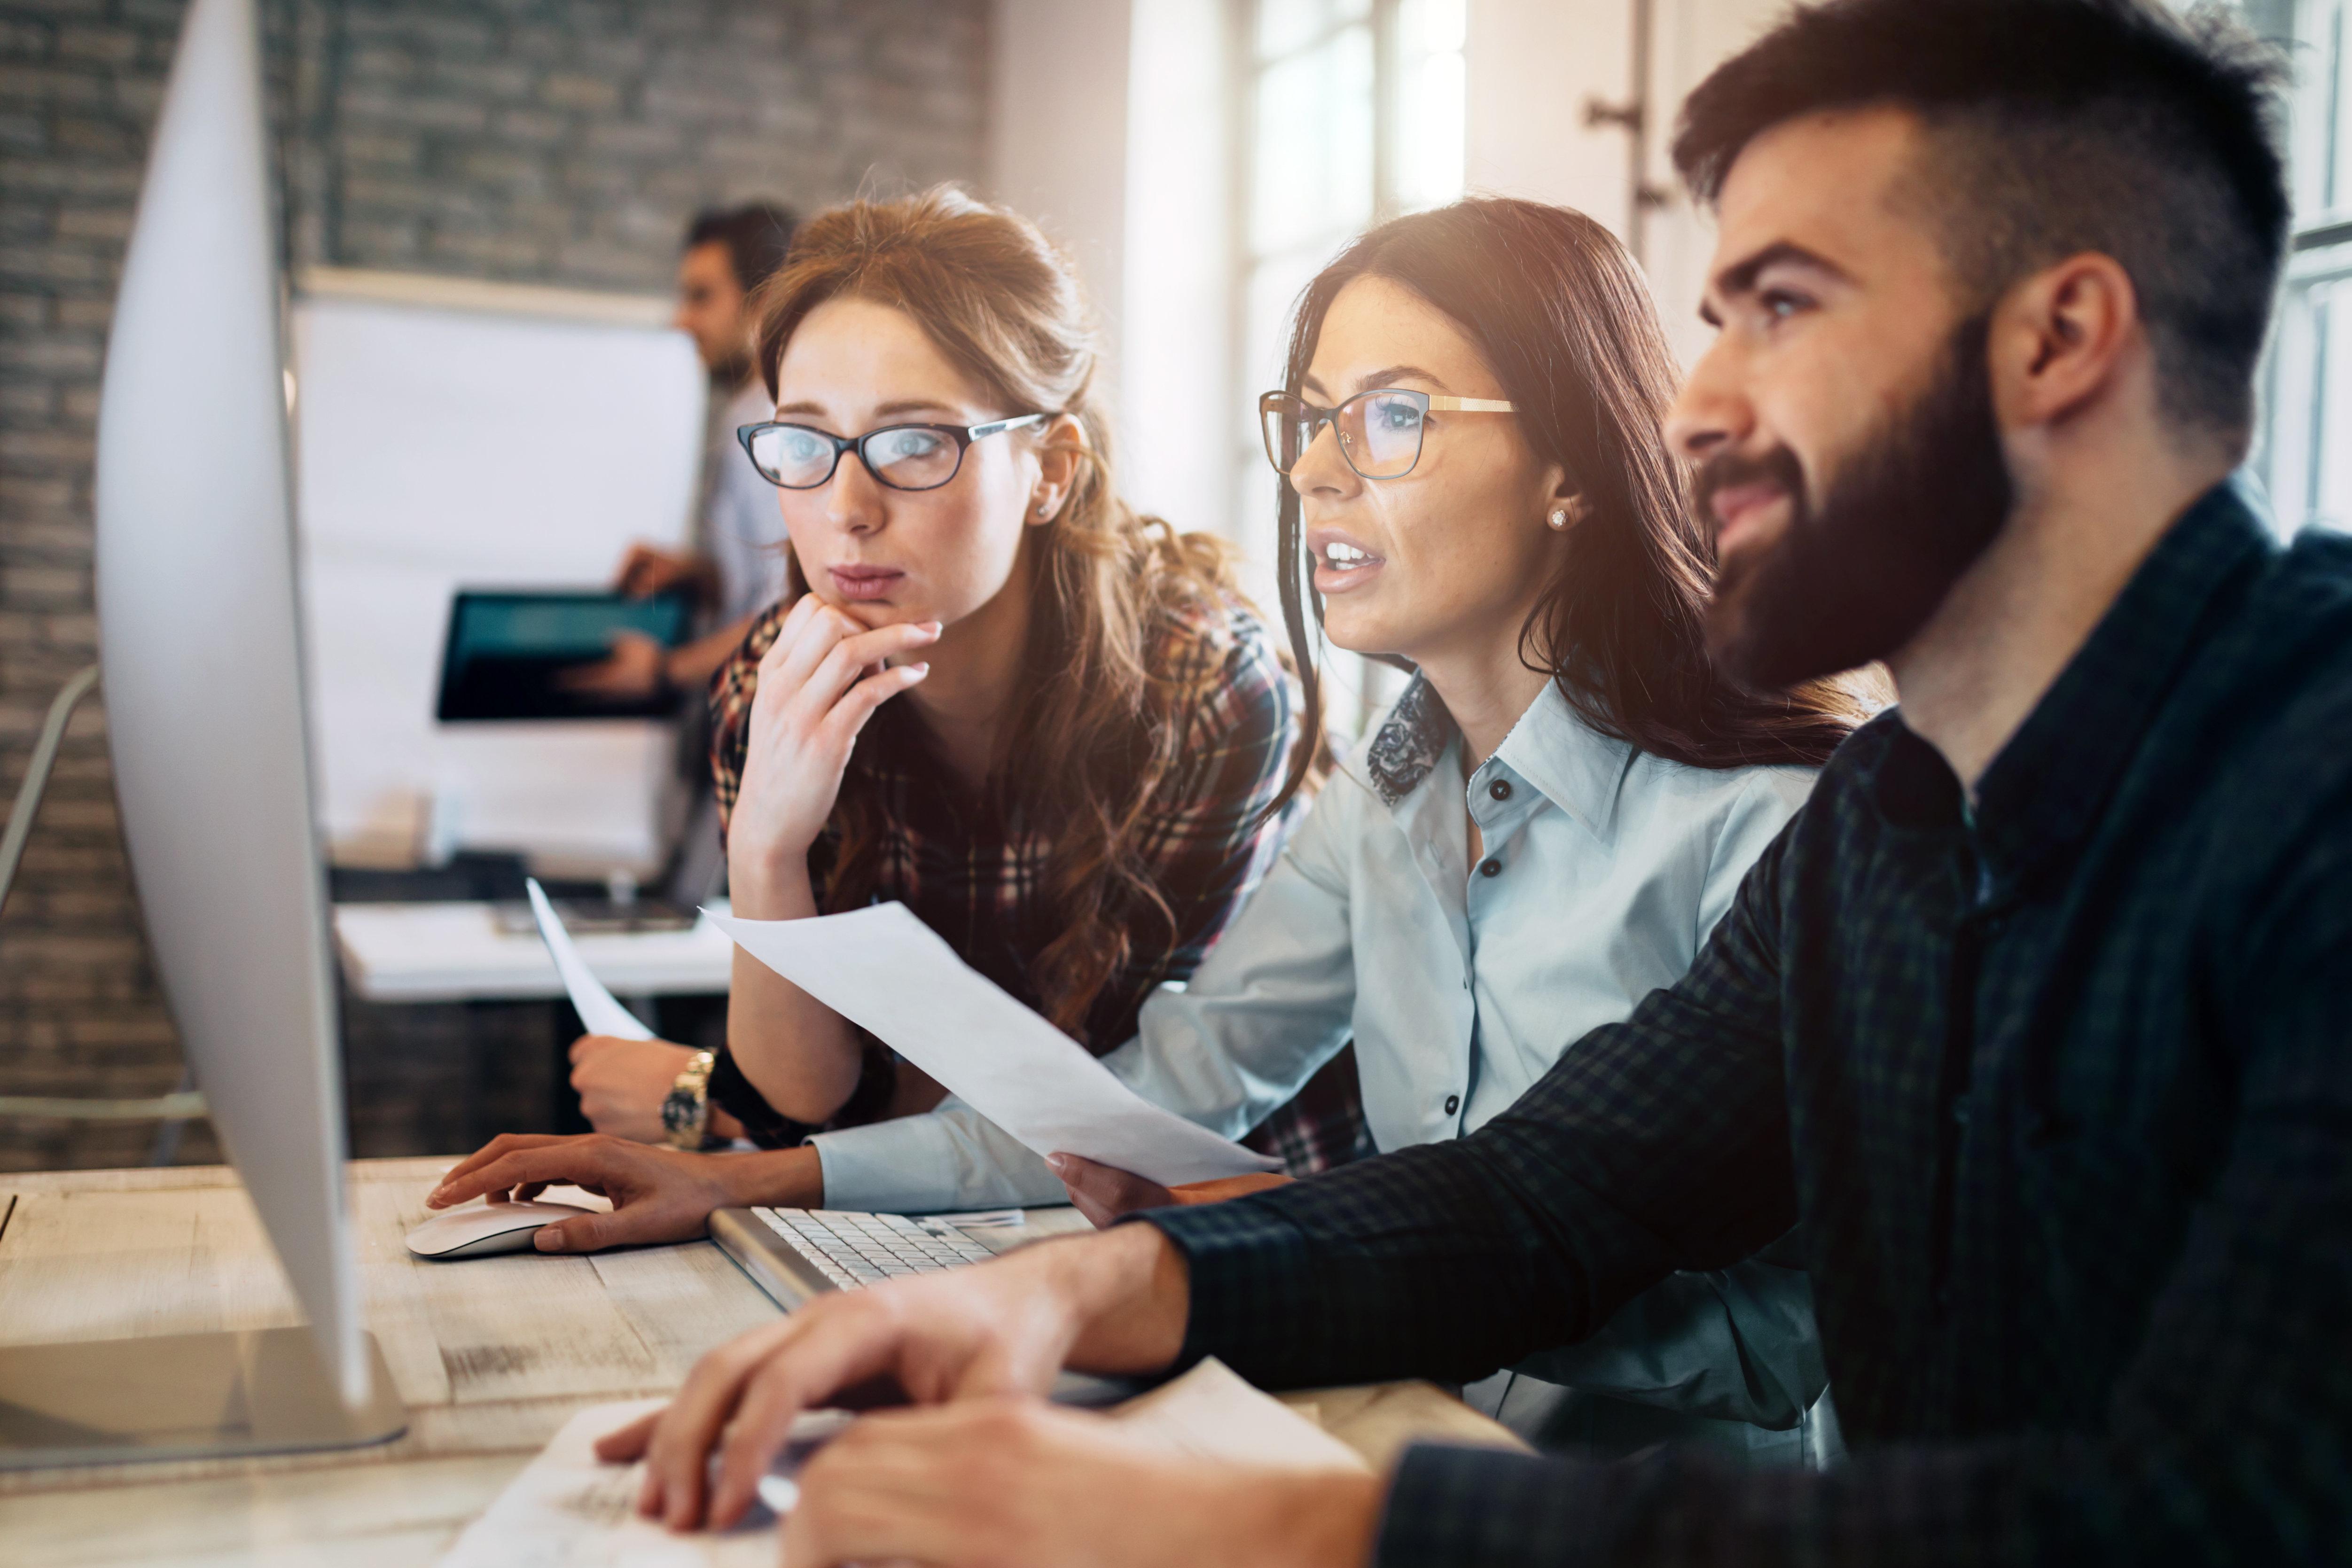 Το «Match & Develop a startup» επιστρέφει για δεύτερη χρονιά στο ΚΕΔΕΑ